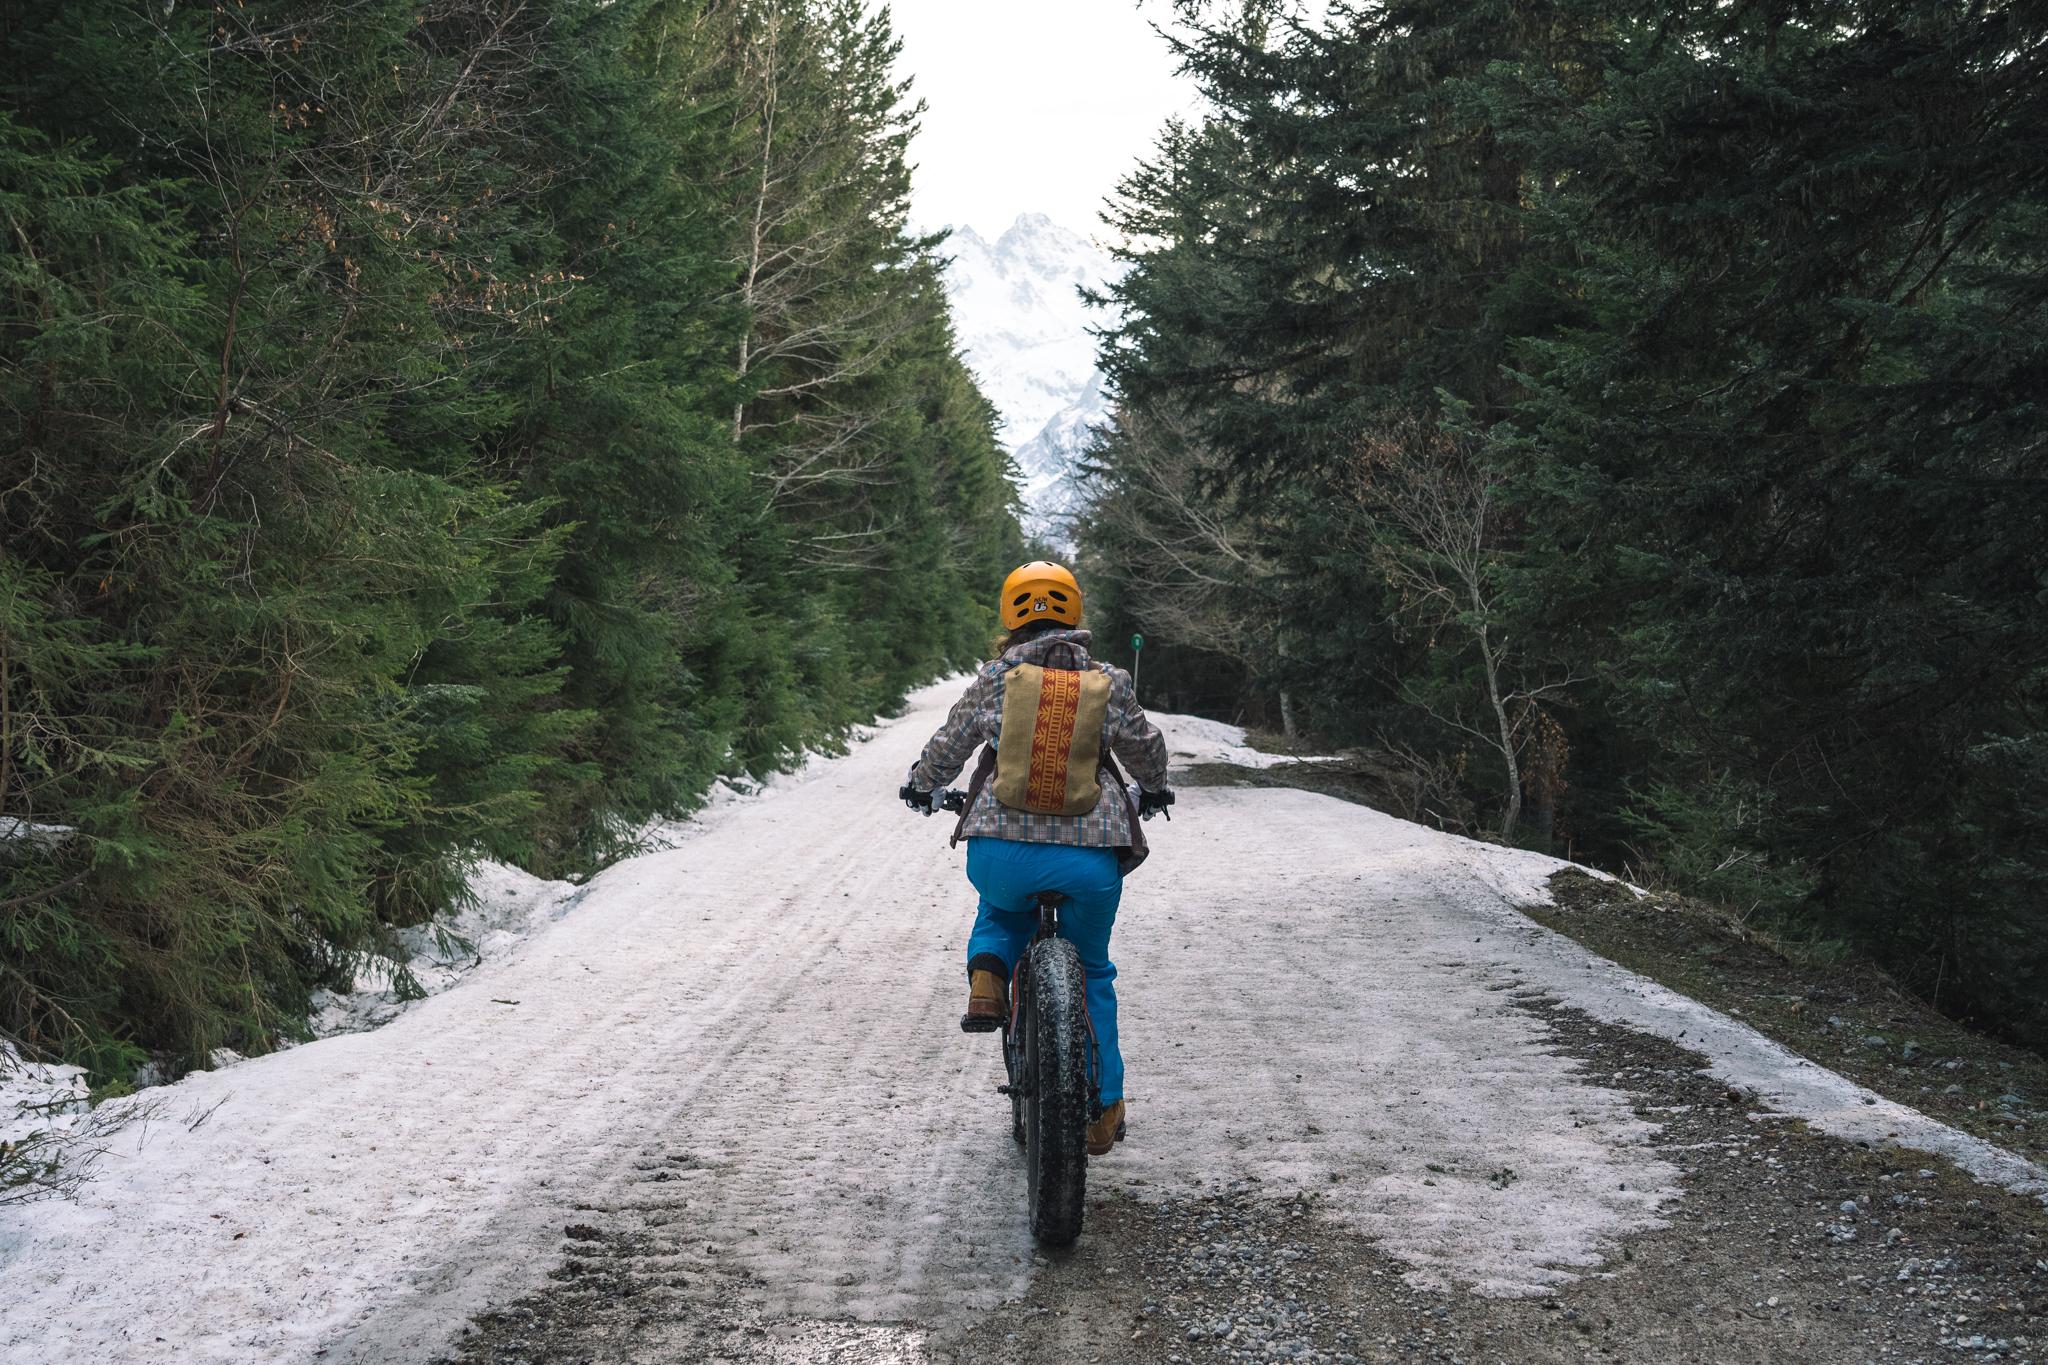 fat-bike-vtt-activité-ariege-montagne